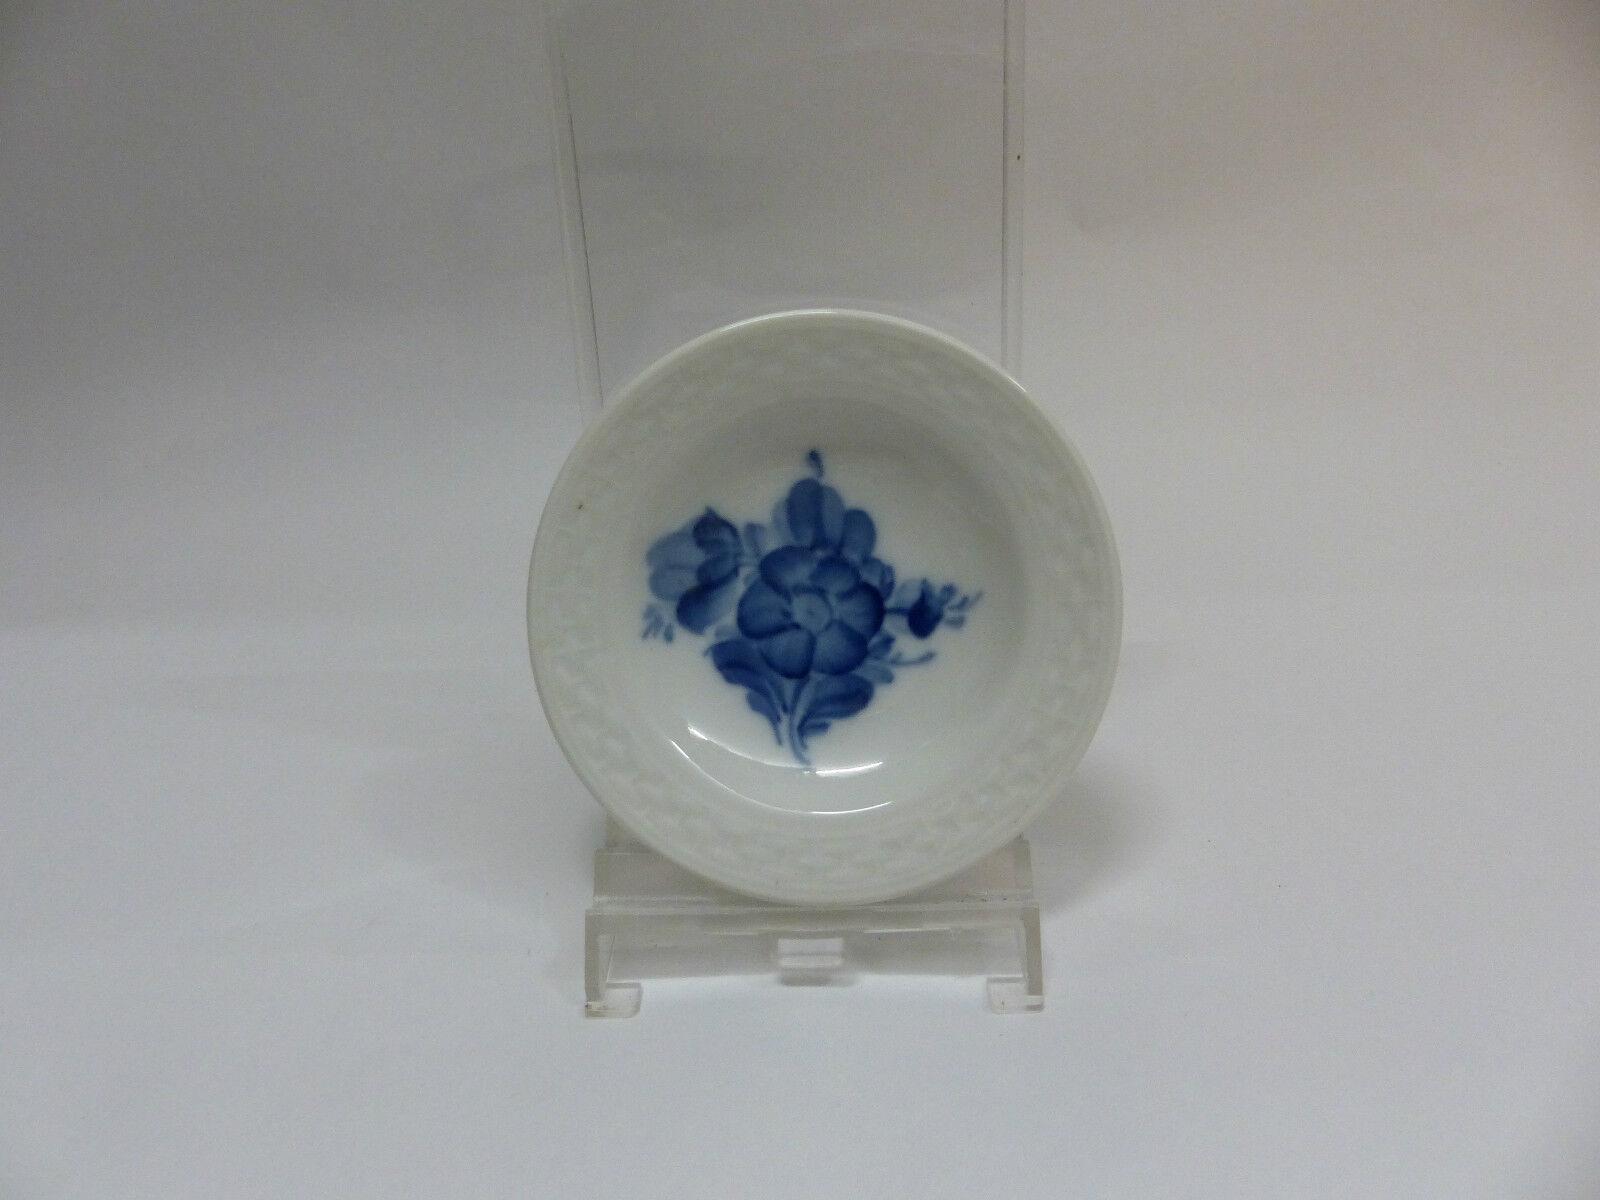 Royal Copenhagen Blaue Blaume glatt Ascher Ø 8 cm 1107330     | Clever und praktisch